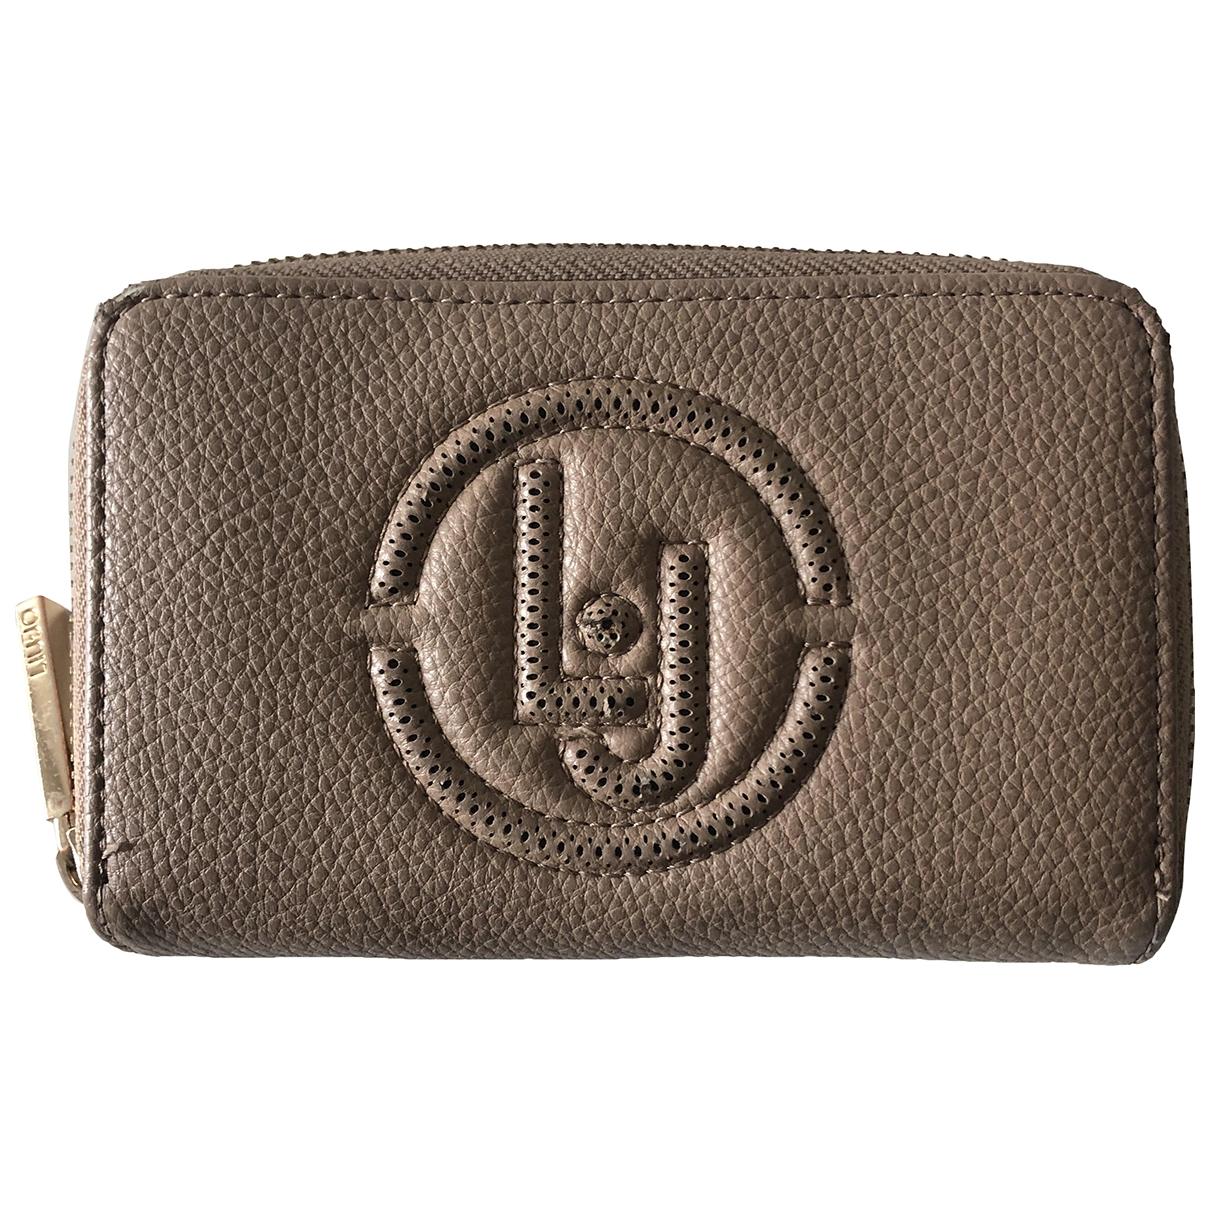 Liu.jo \N Beige wallet for Women \N